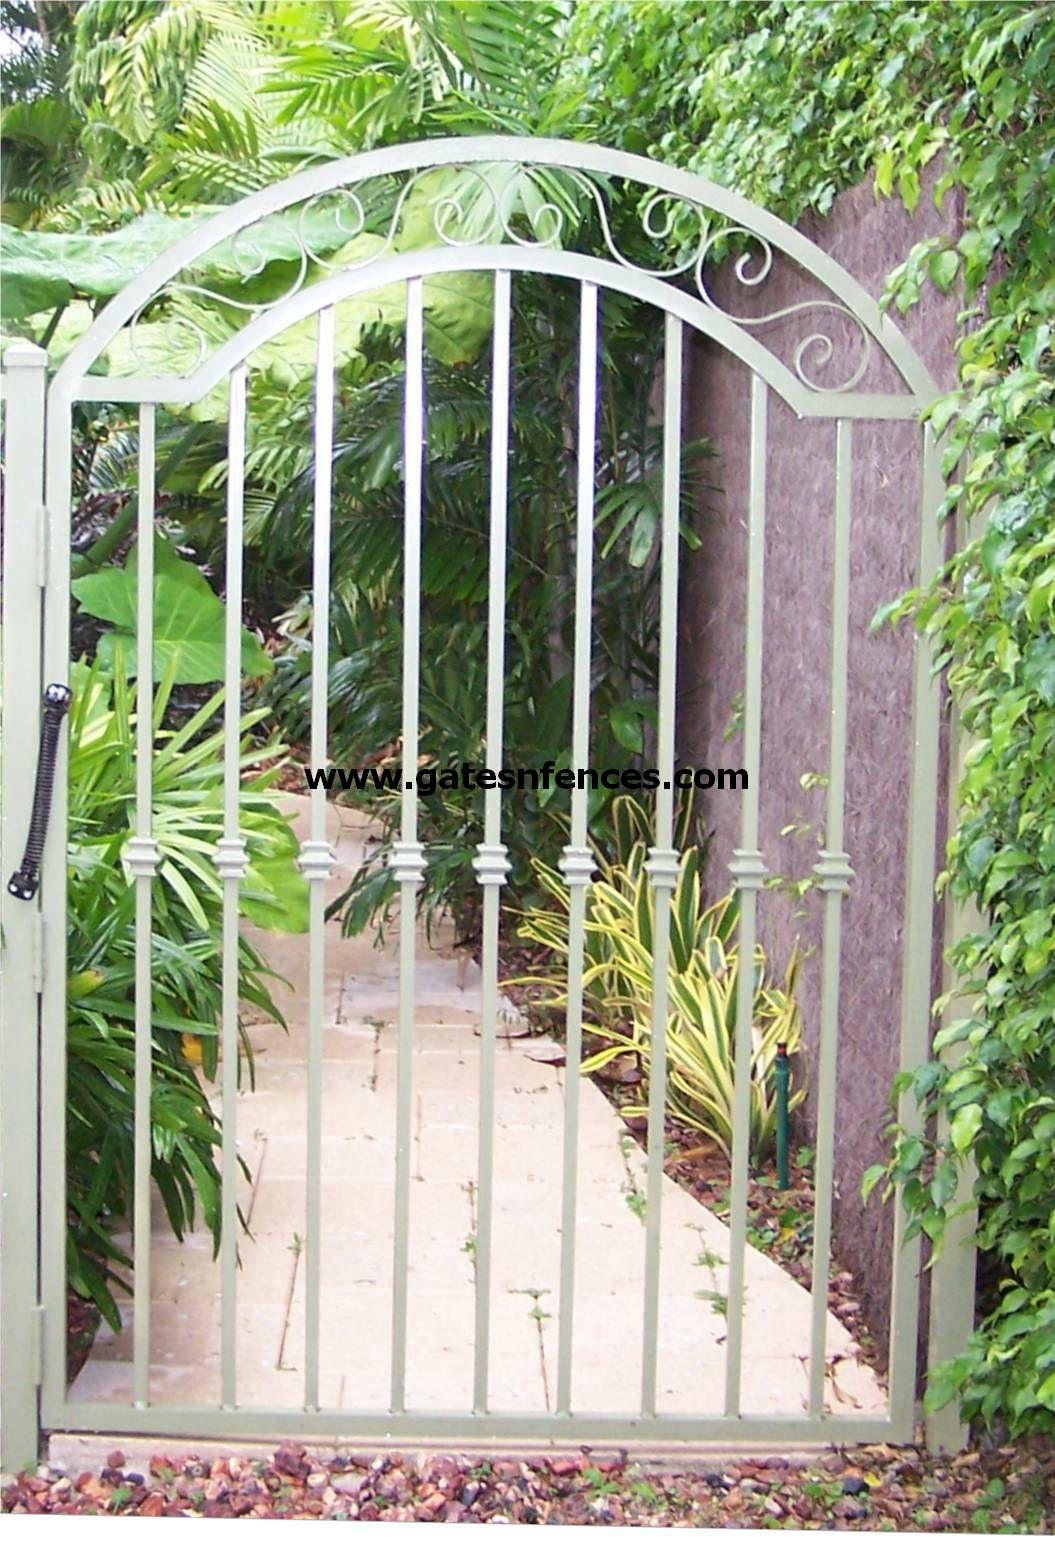 Garden Gates Decorative Gates Wrought Iron Aluminum Garden Custom ...